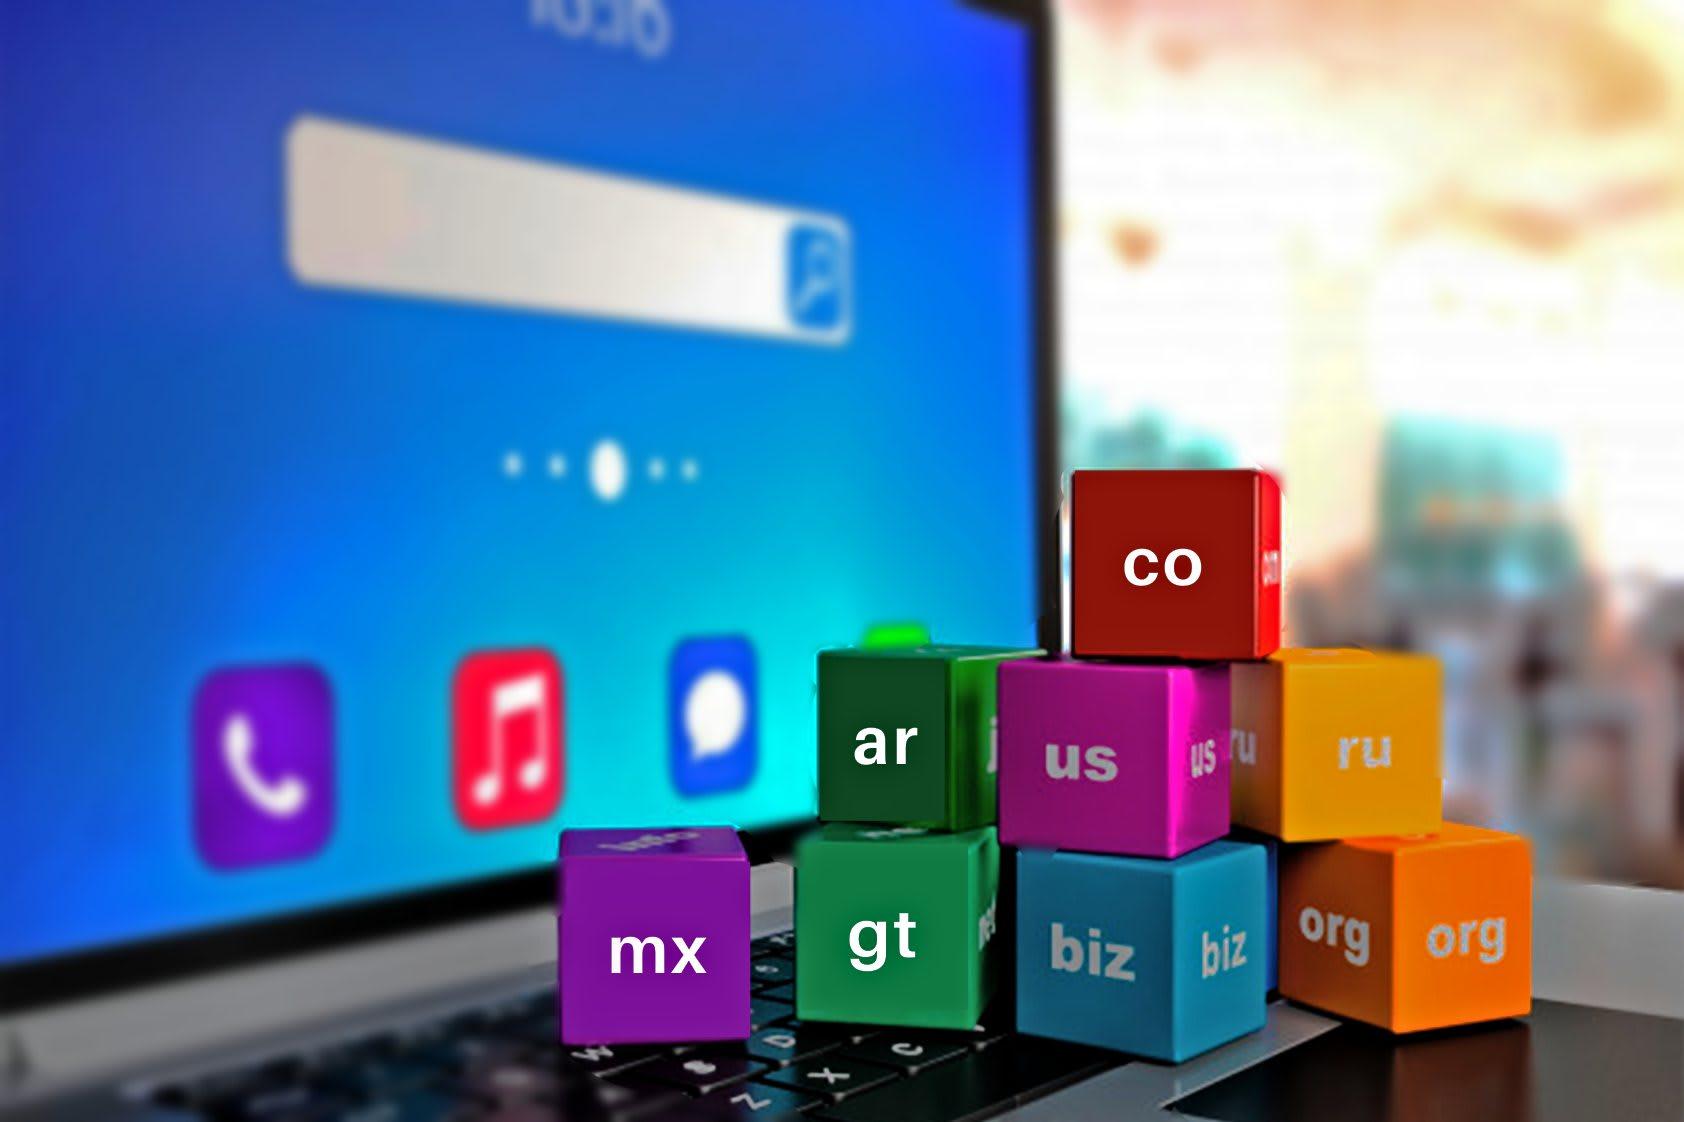 Latinoamérica llega a los 10 millones de dominios registrados